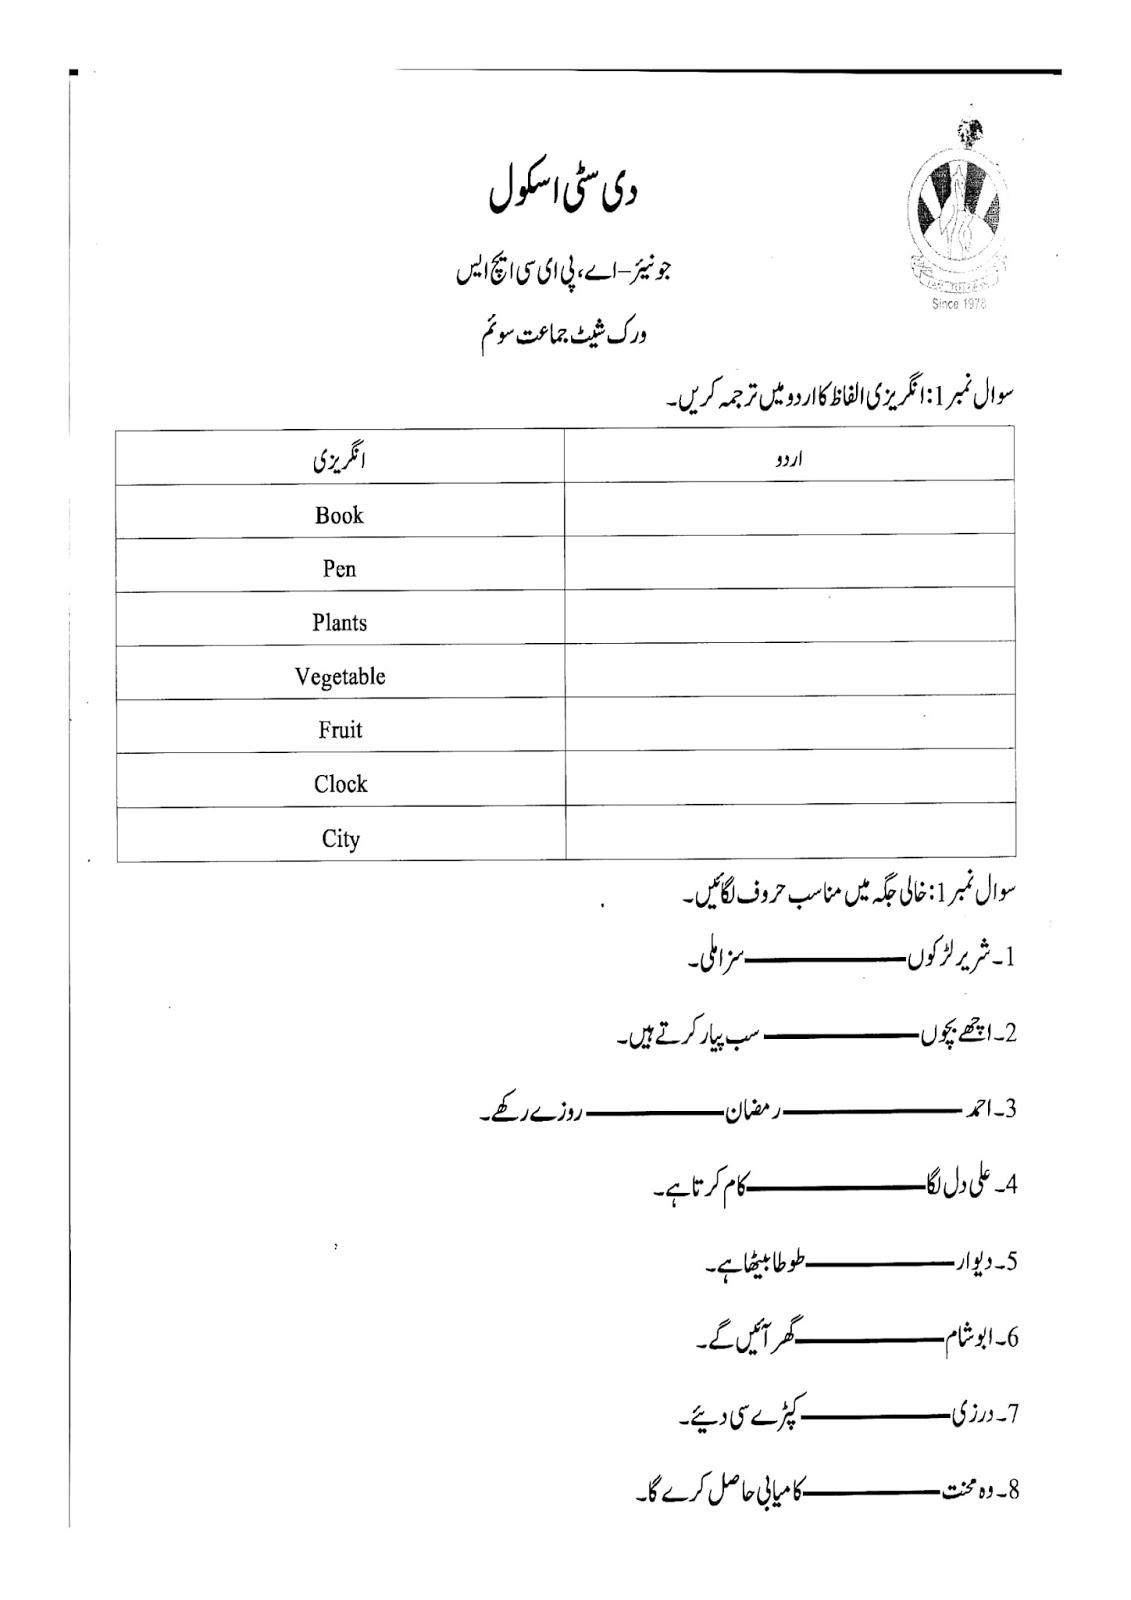 Class 3 Urdu Blog Worksheet